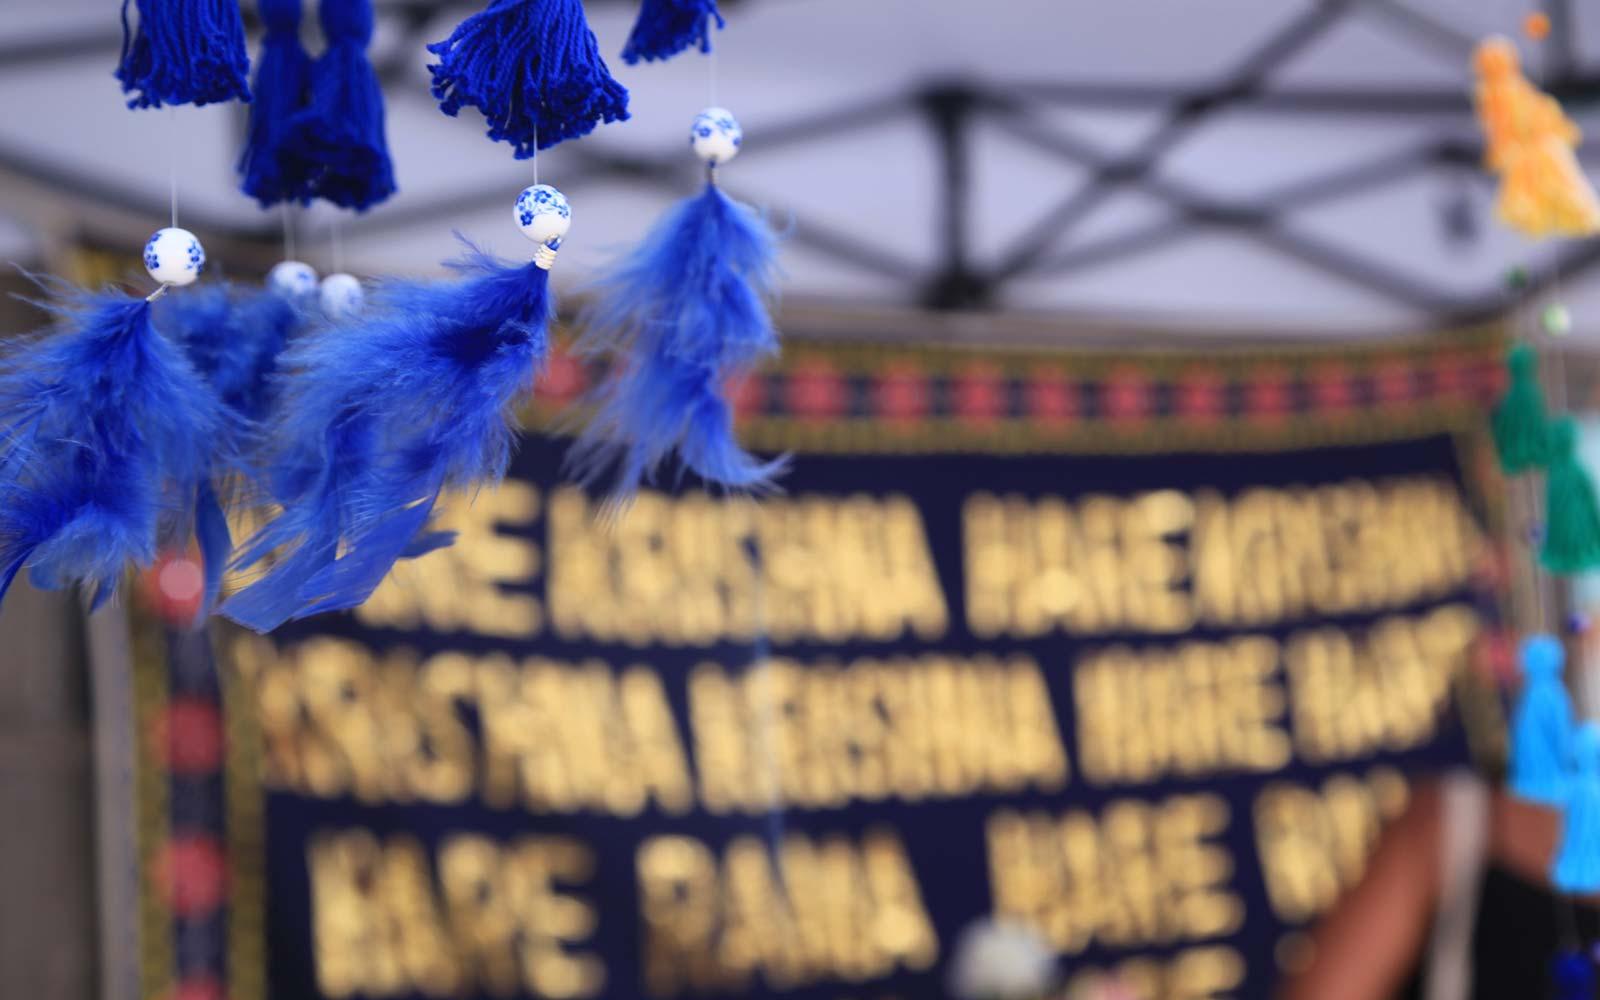 Maha-mantra Hare Krishna